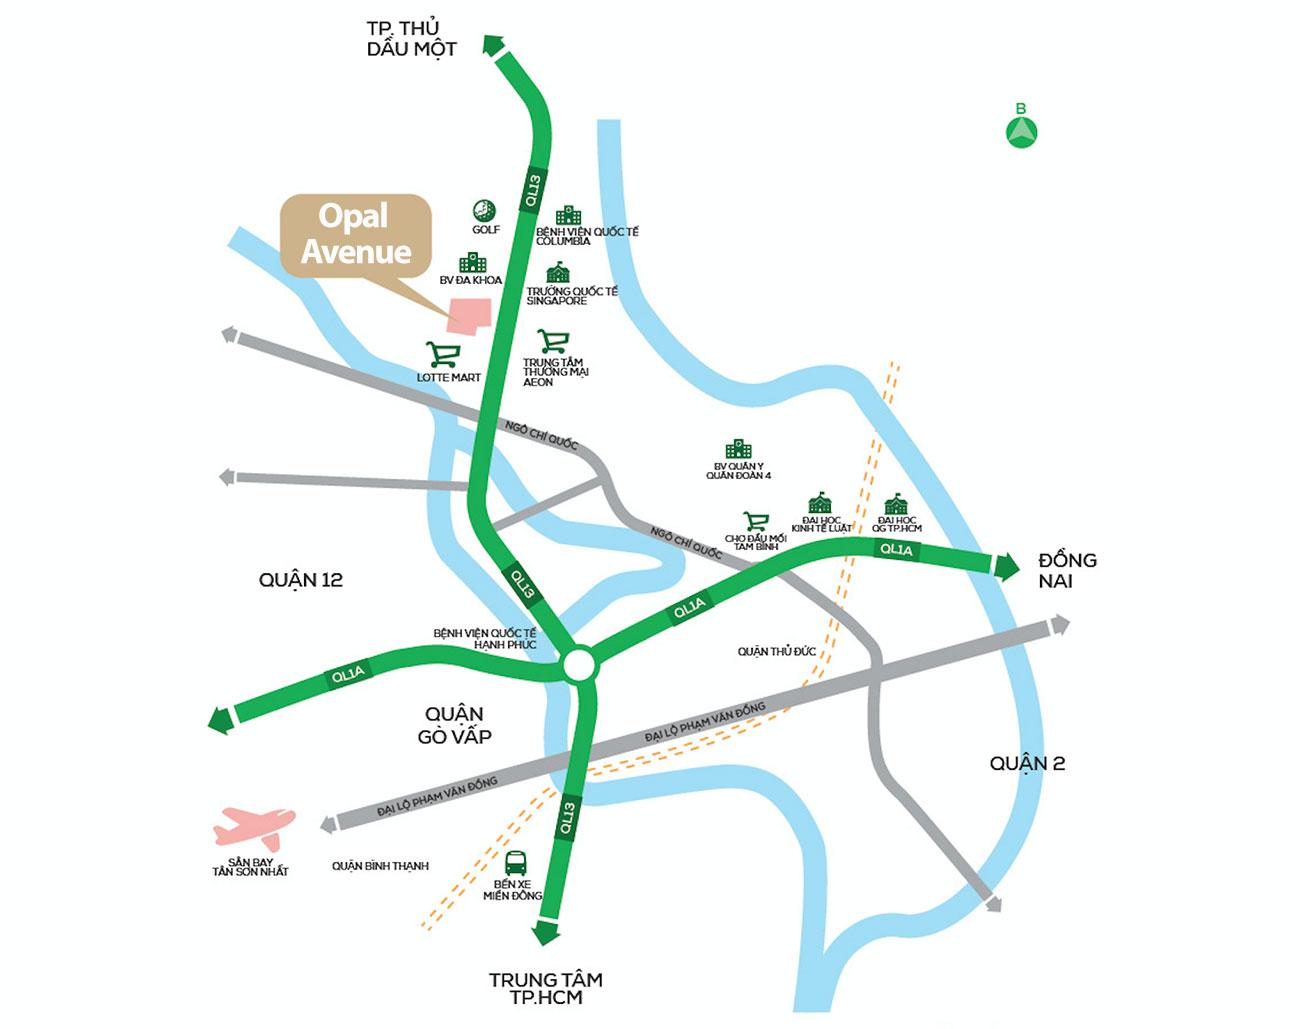 Vị trí vạng dự án Opal Avenue trên QL13 Bình Dương